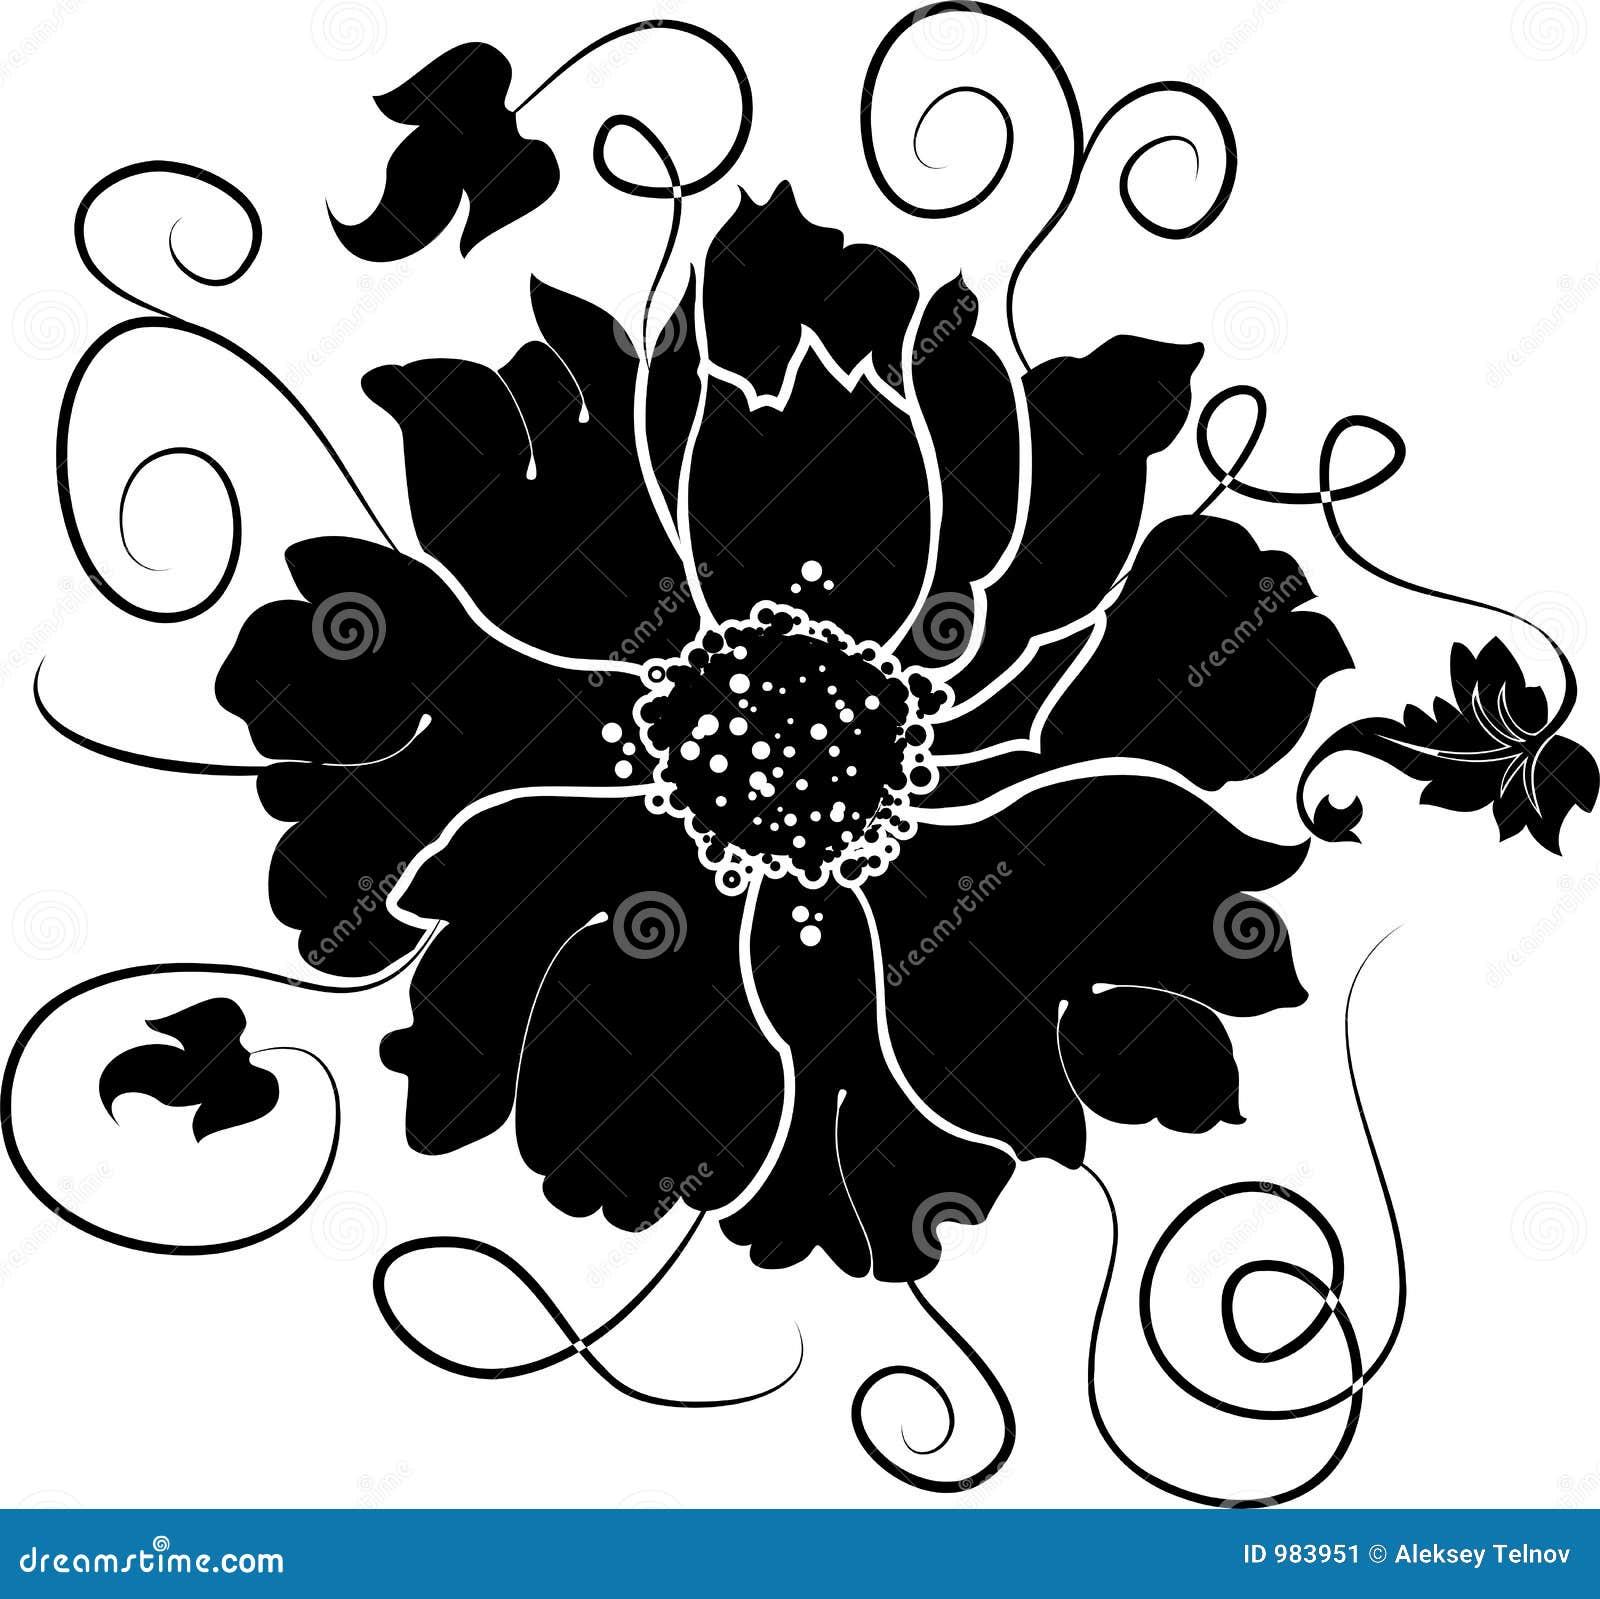 Download Vektor För Designelementblomma Vektor Illustrationer - Illustration av inbjudan, organiskt: 983951